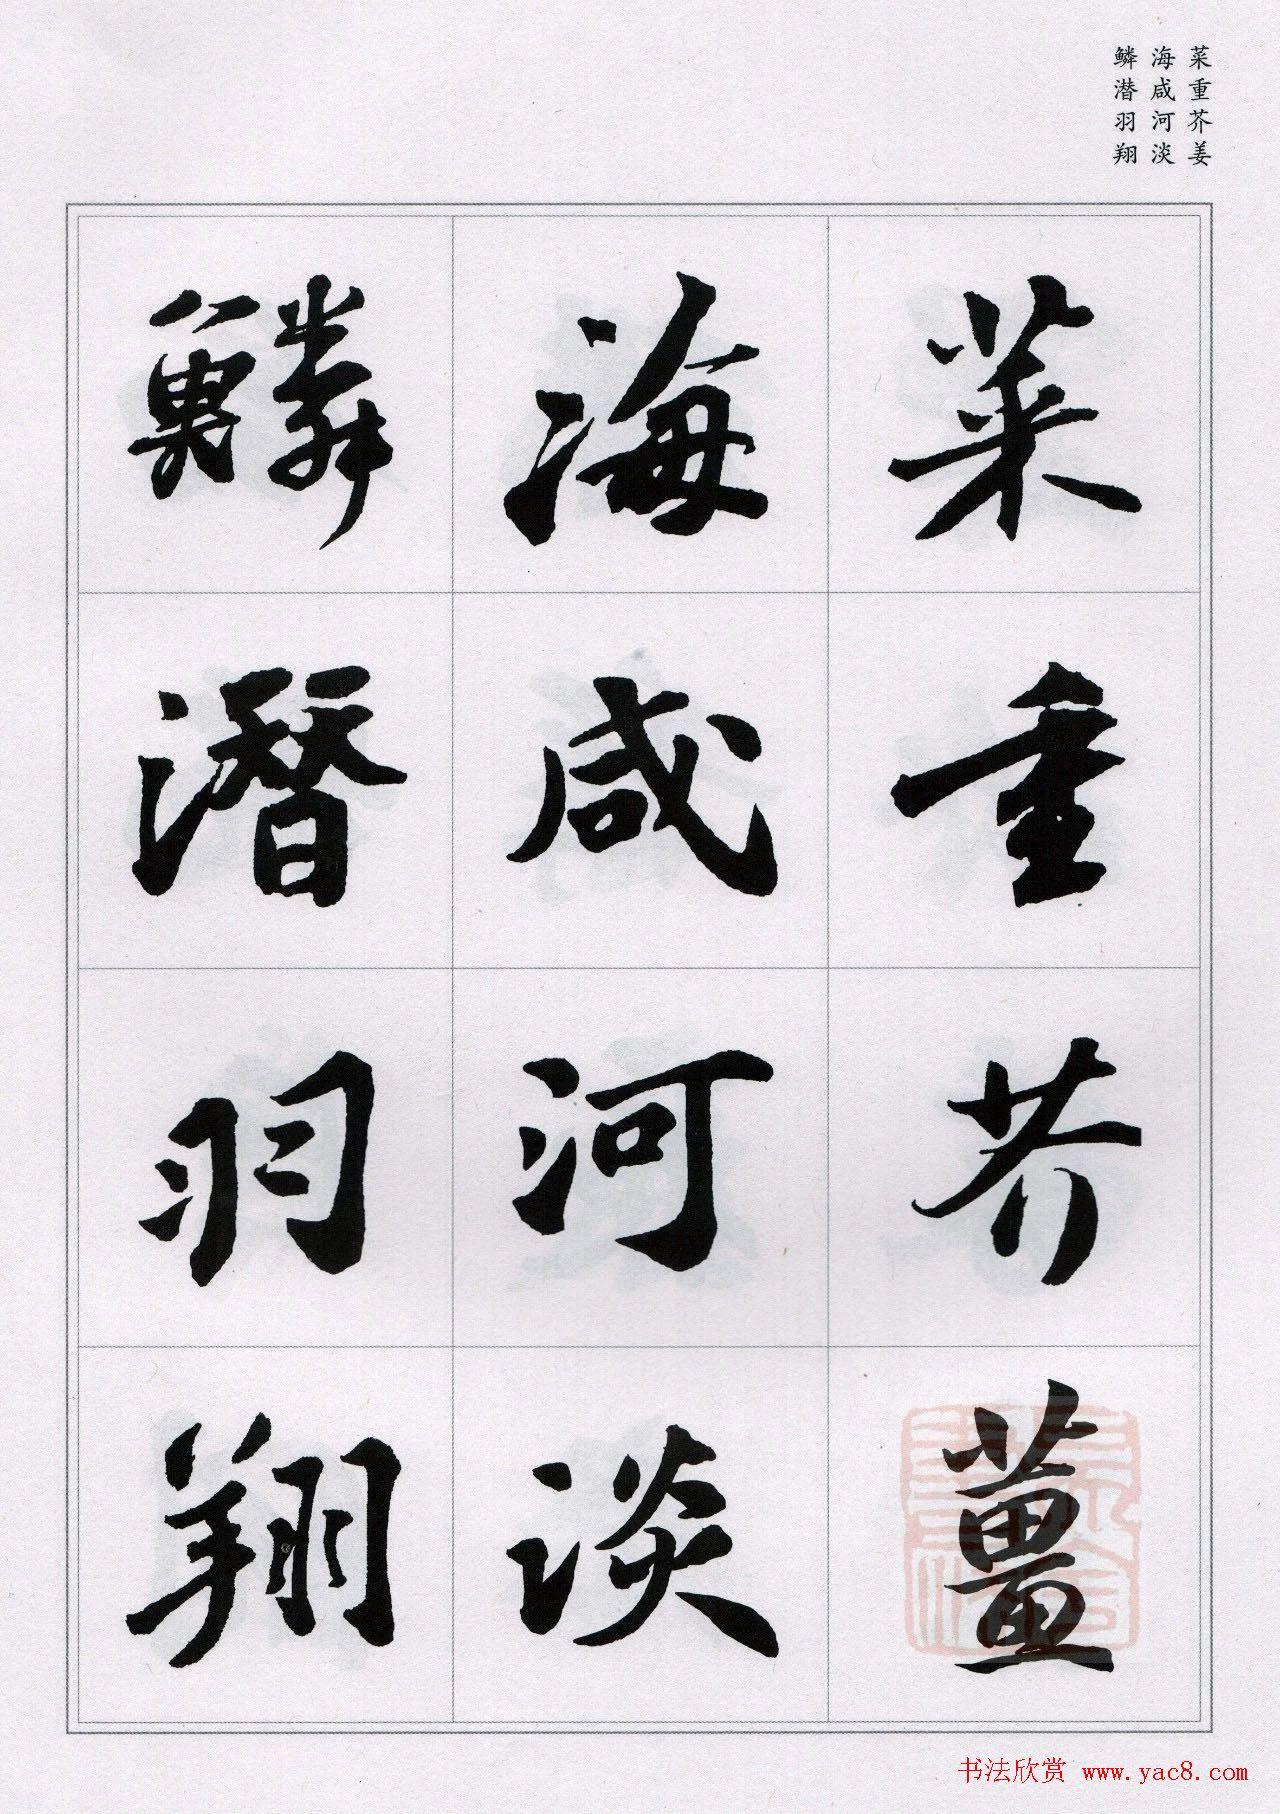 苏轼行书集字《千字文》